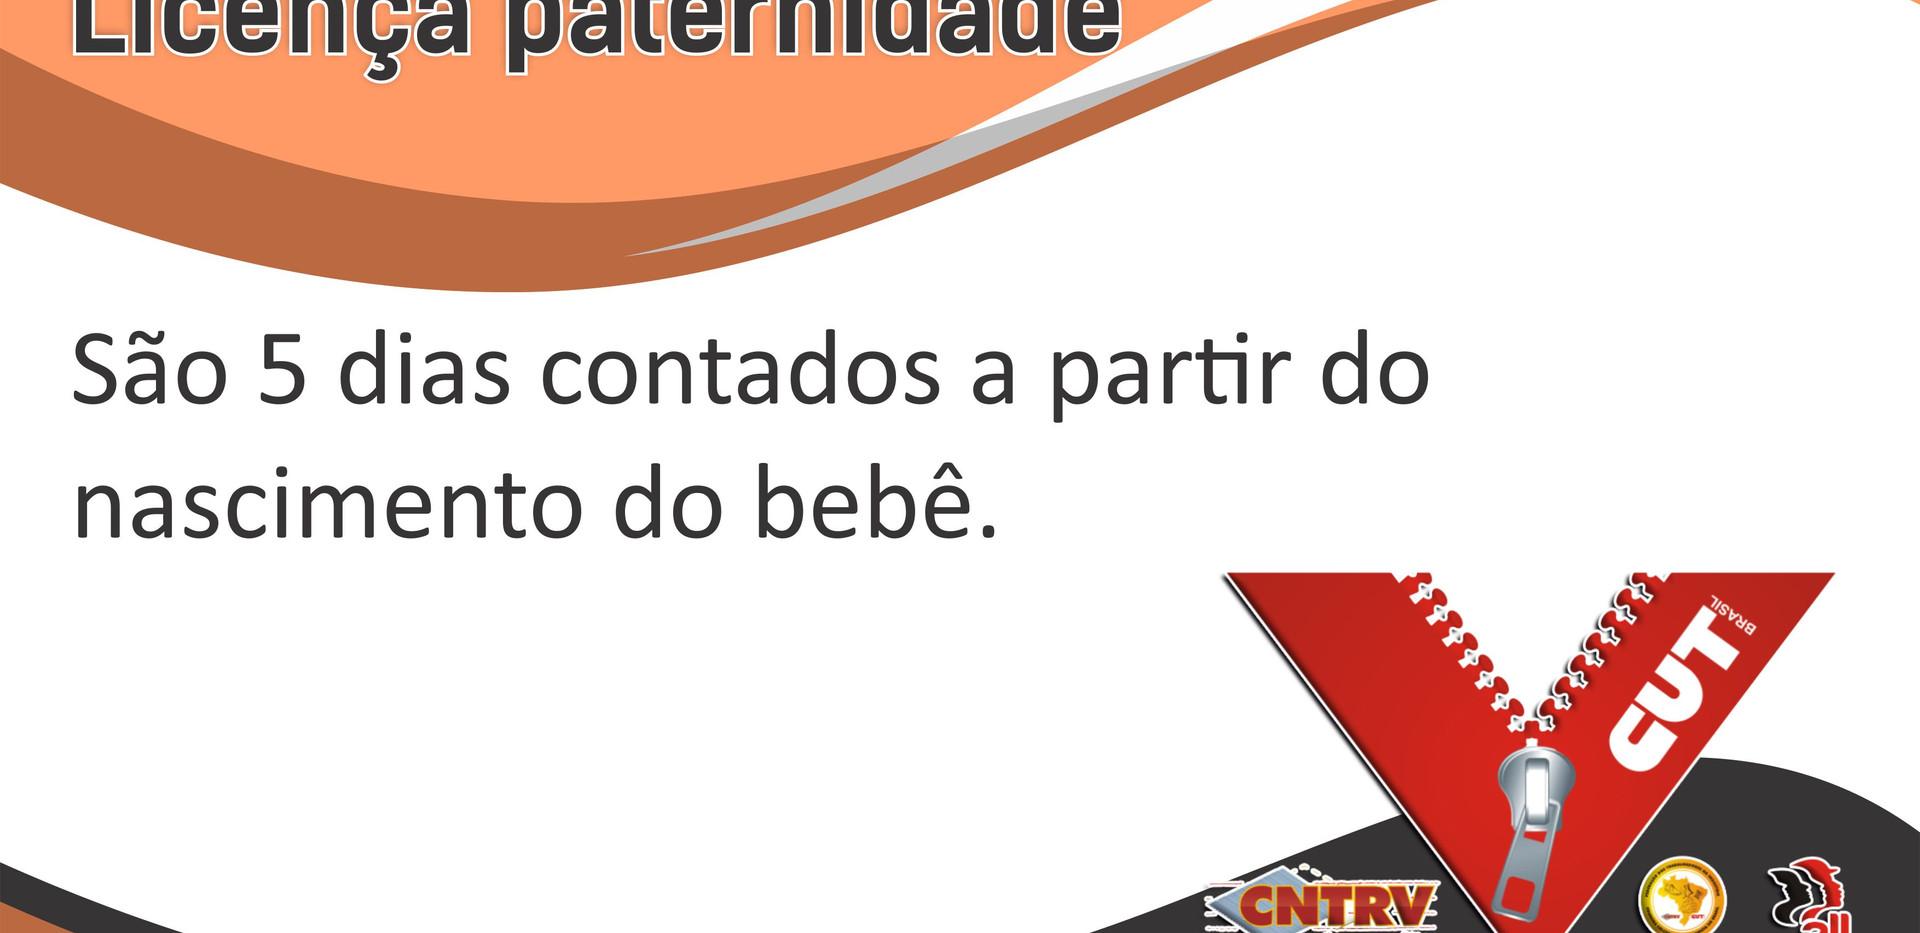 campanha novembro paternidade.jpg